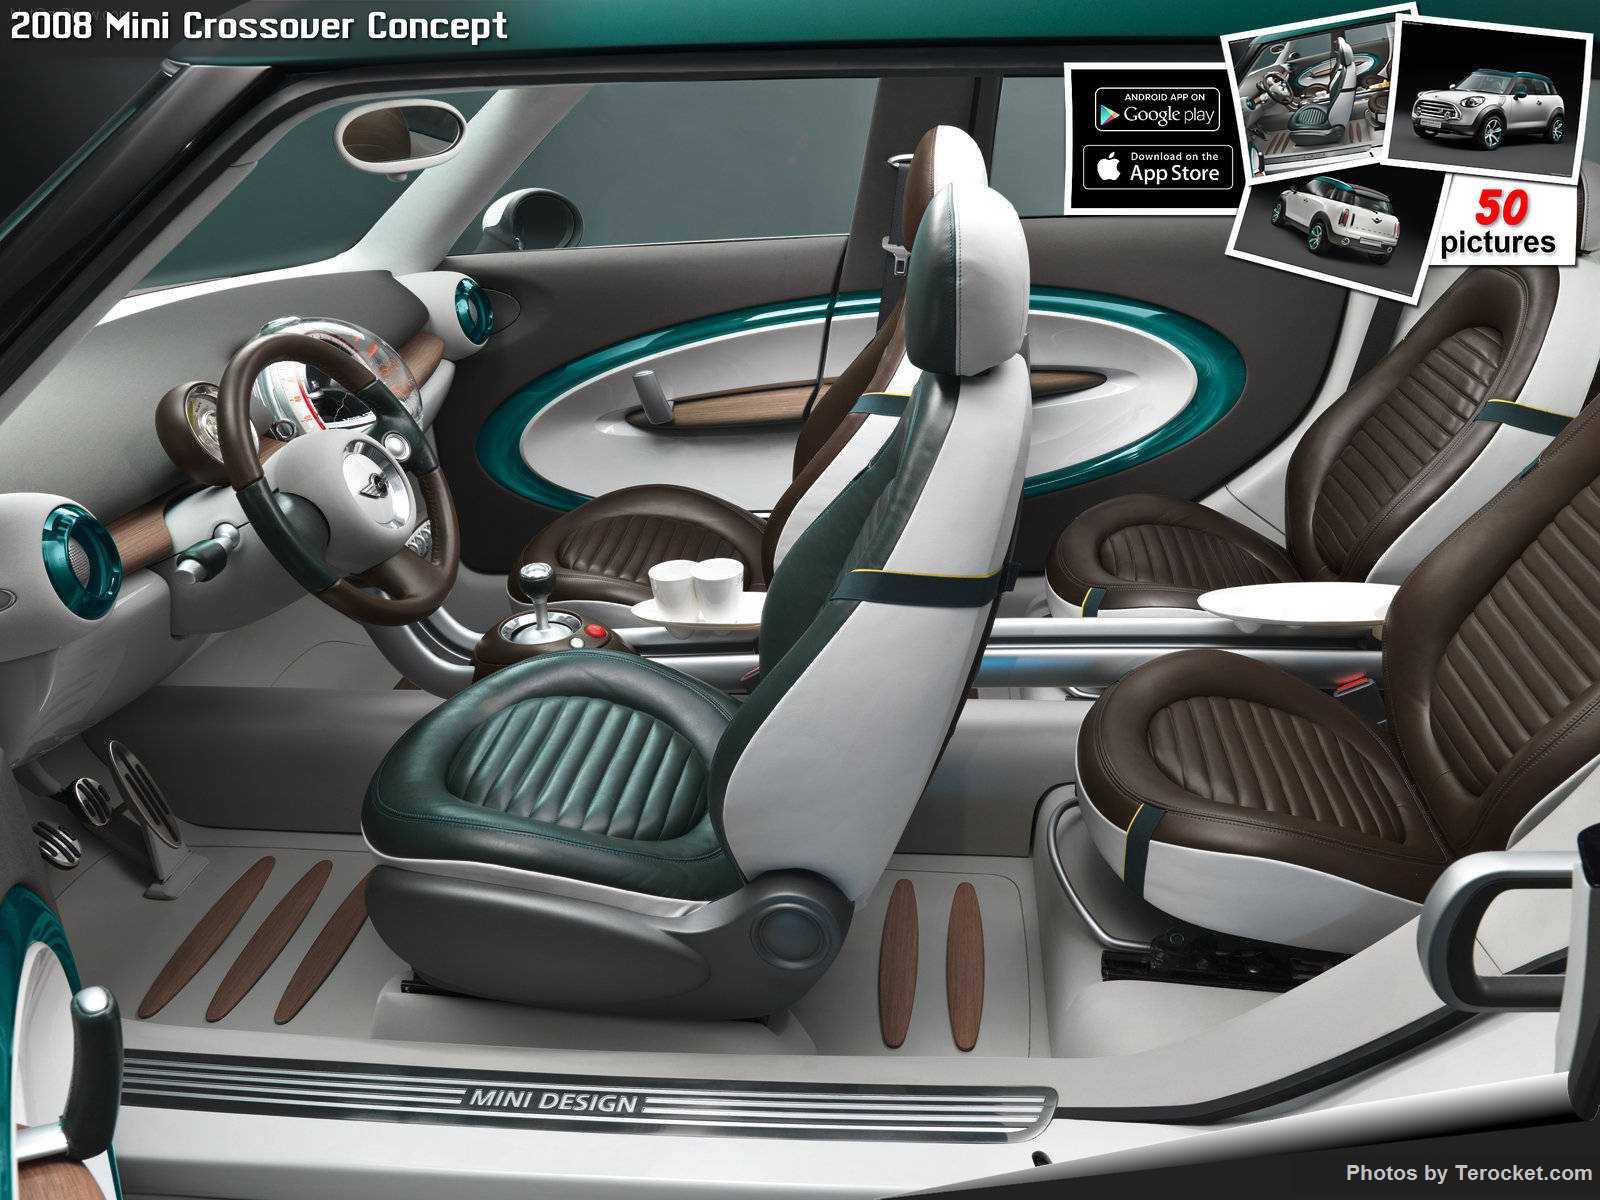 Hình ảnh xe ô tô Mini Crossover Concept 2008 & nội ngoại thất